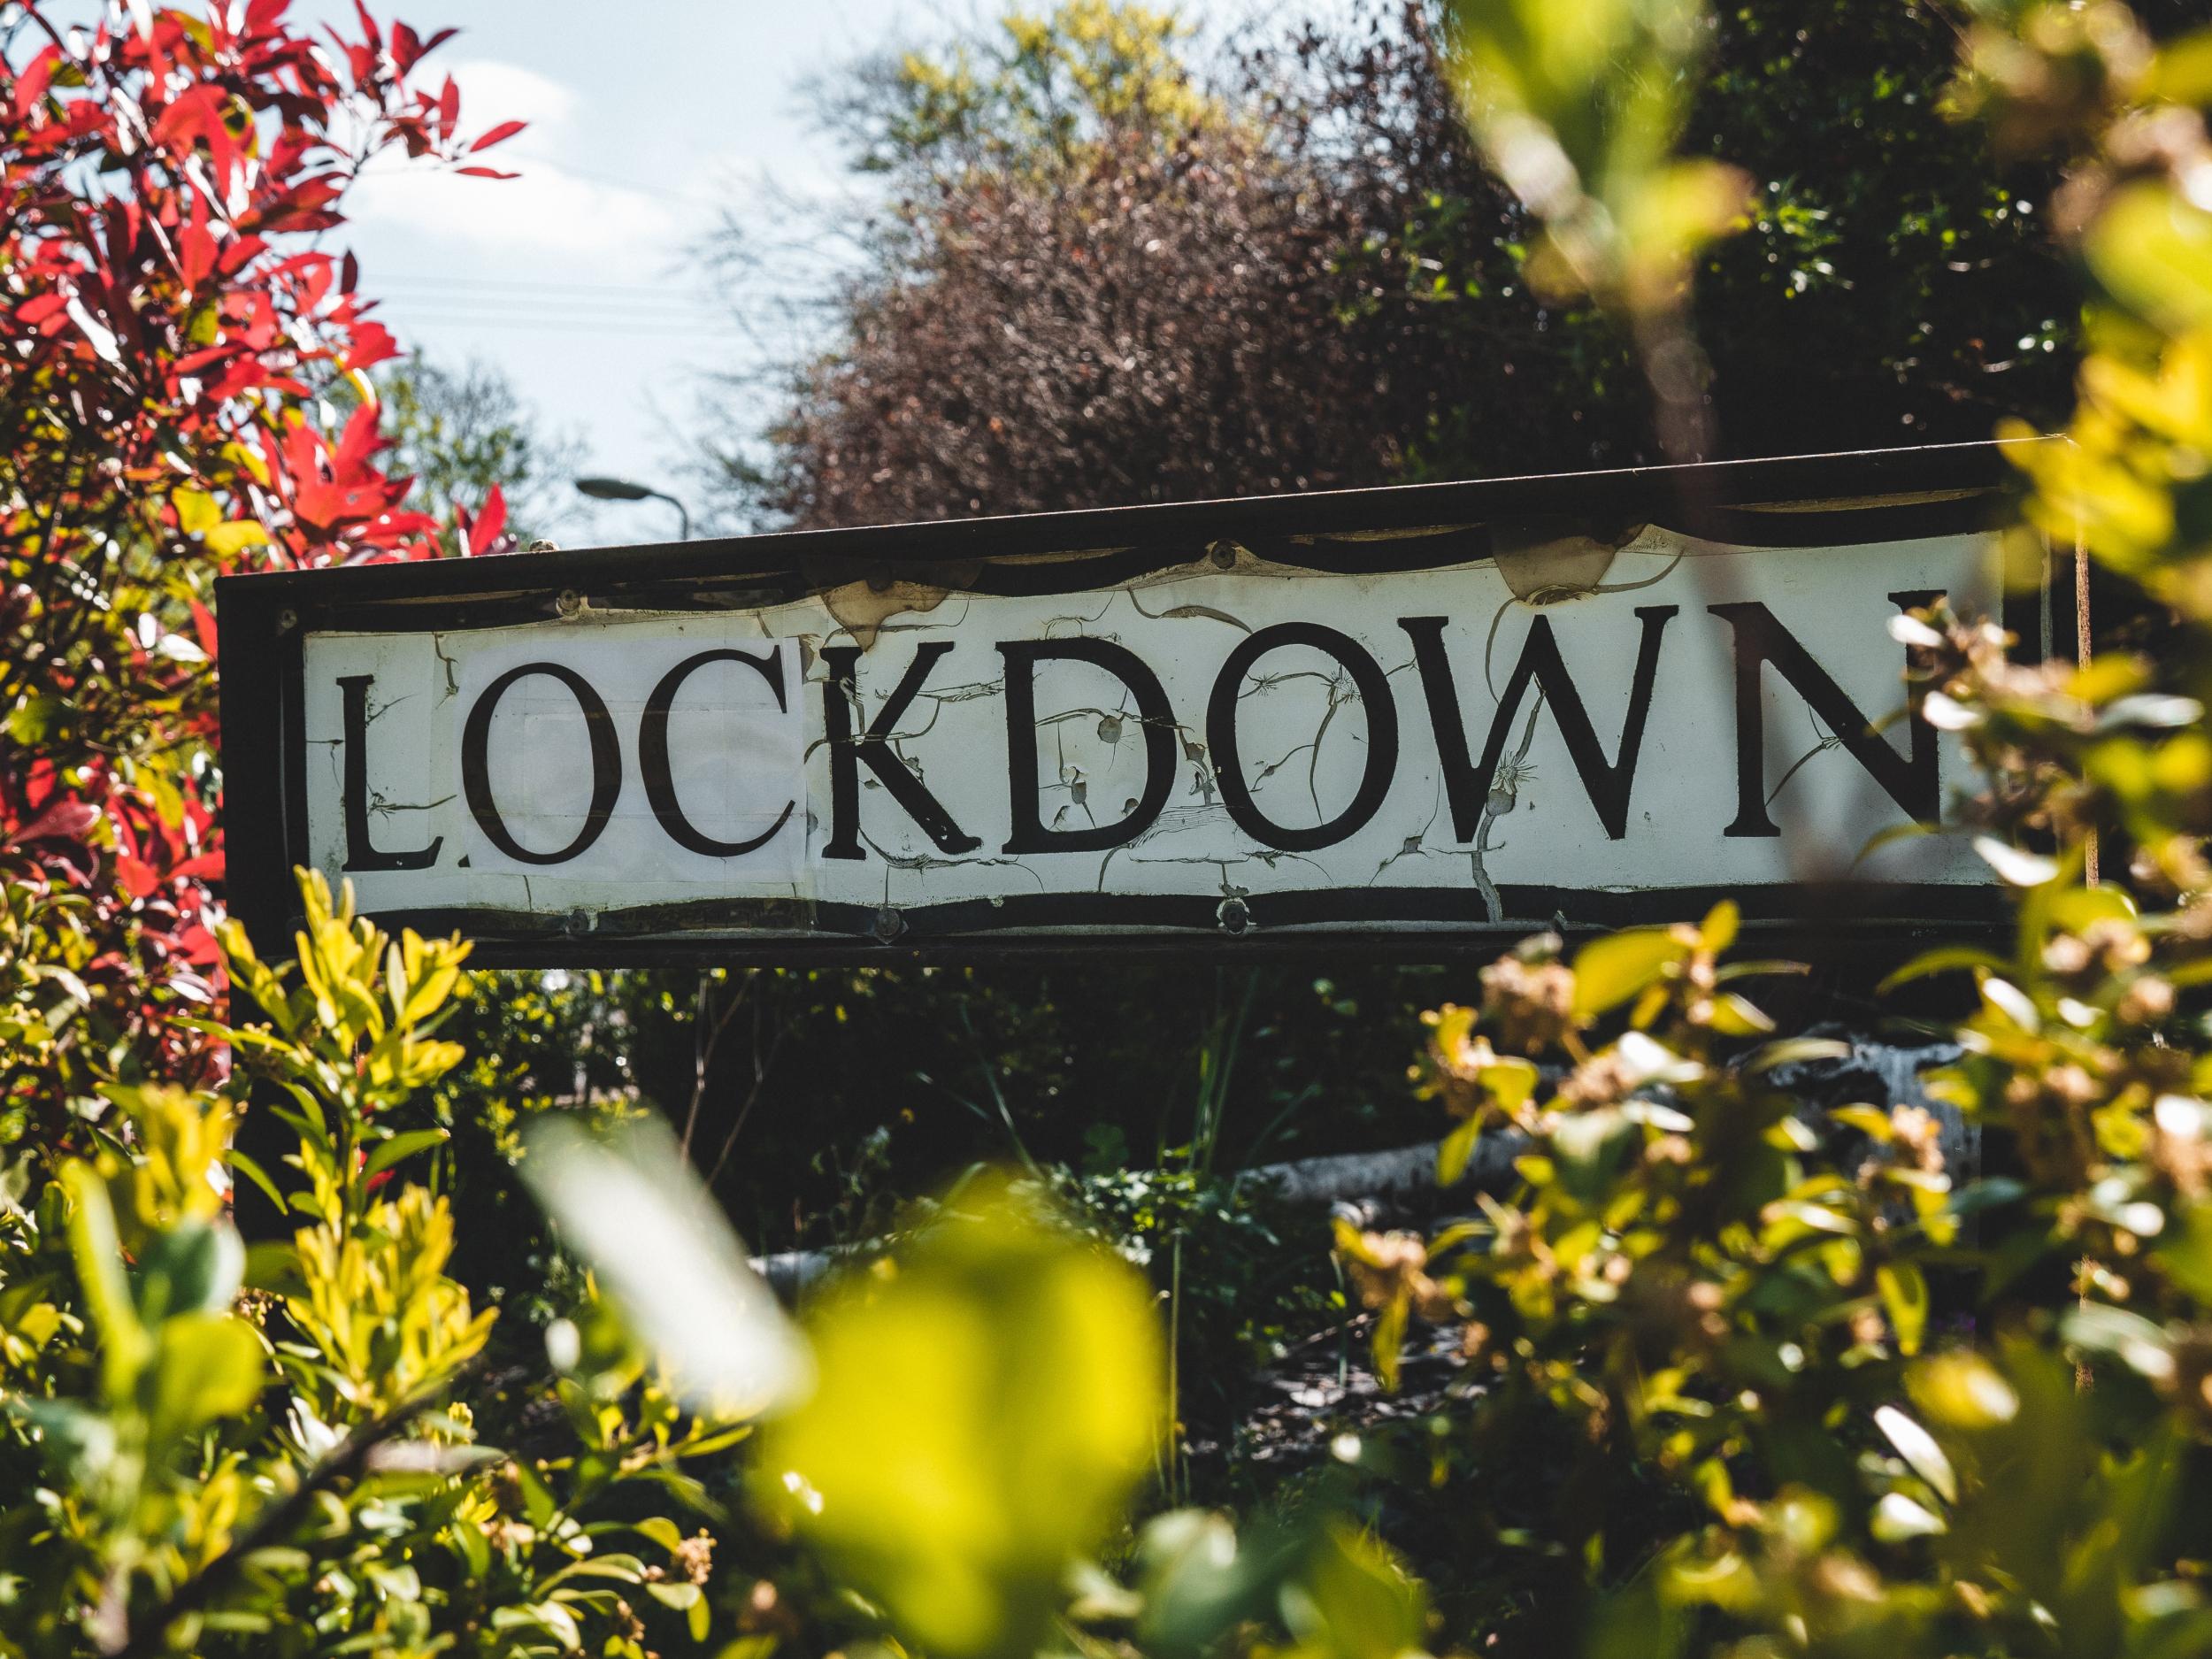 Lockdown hobbies